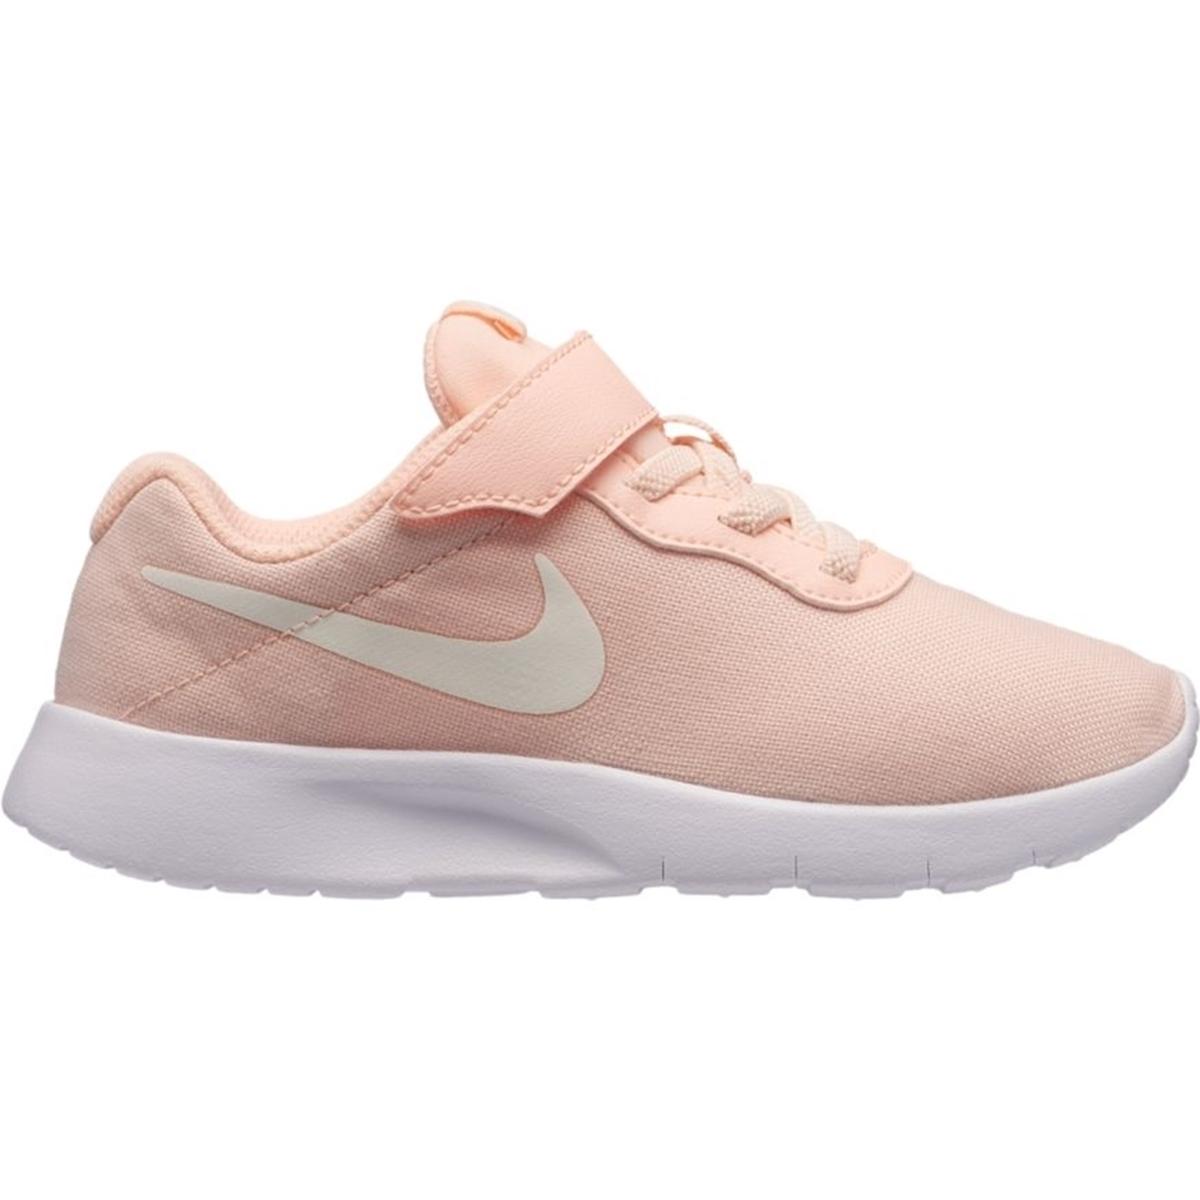 b26b736a131 Nike KIDS TANJUN SE (PSV) 859619-800- Nava Sport - Vi selger klær og ...